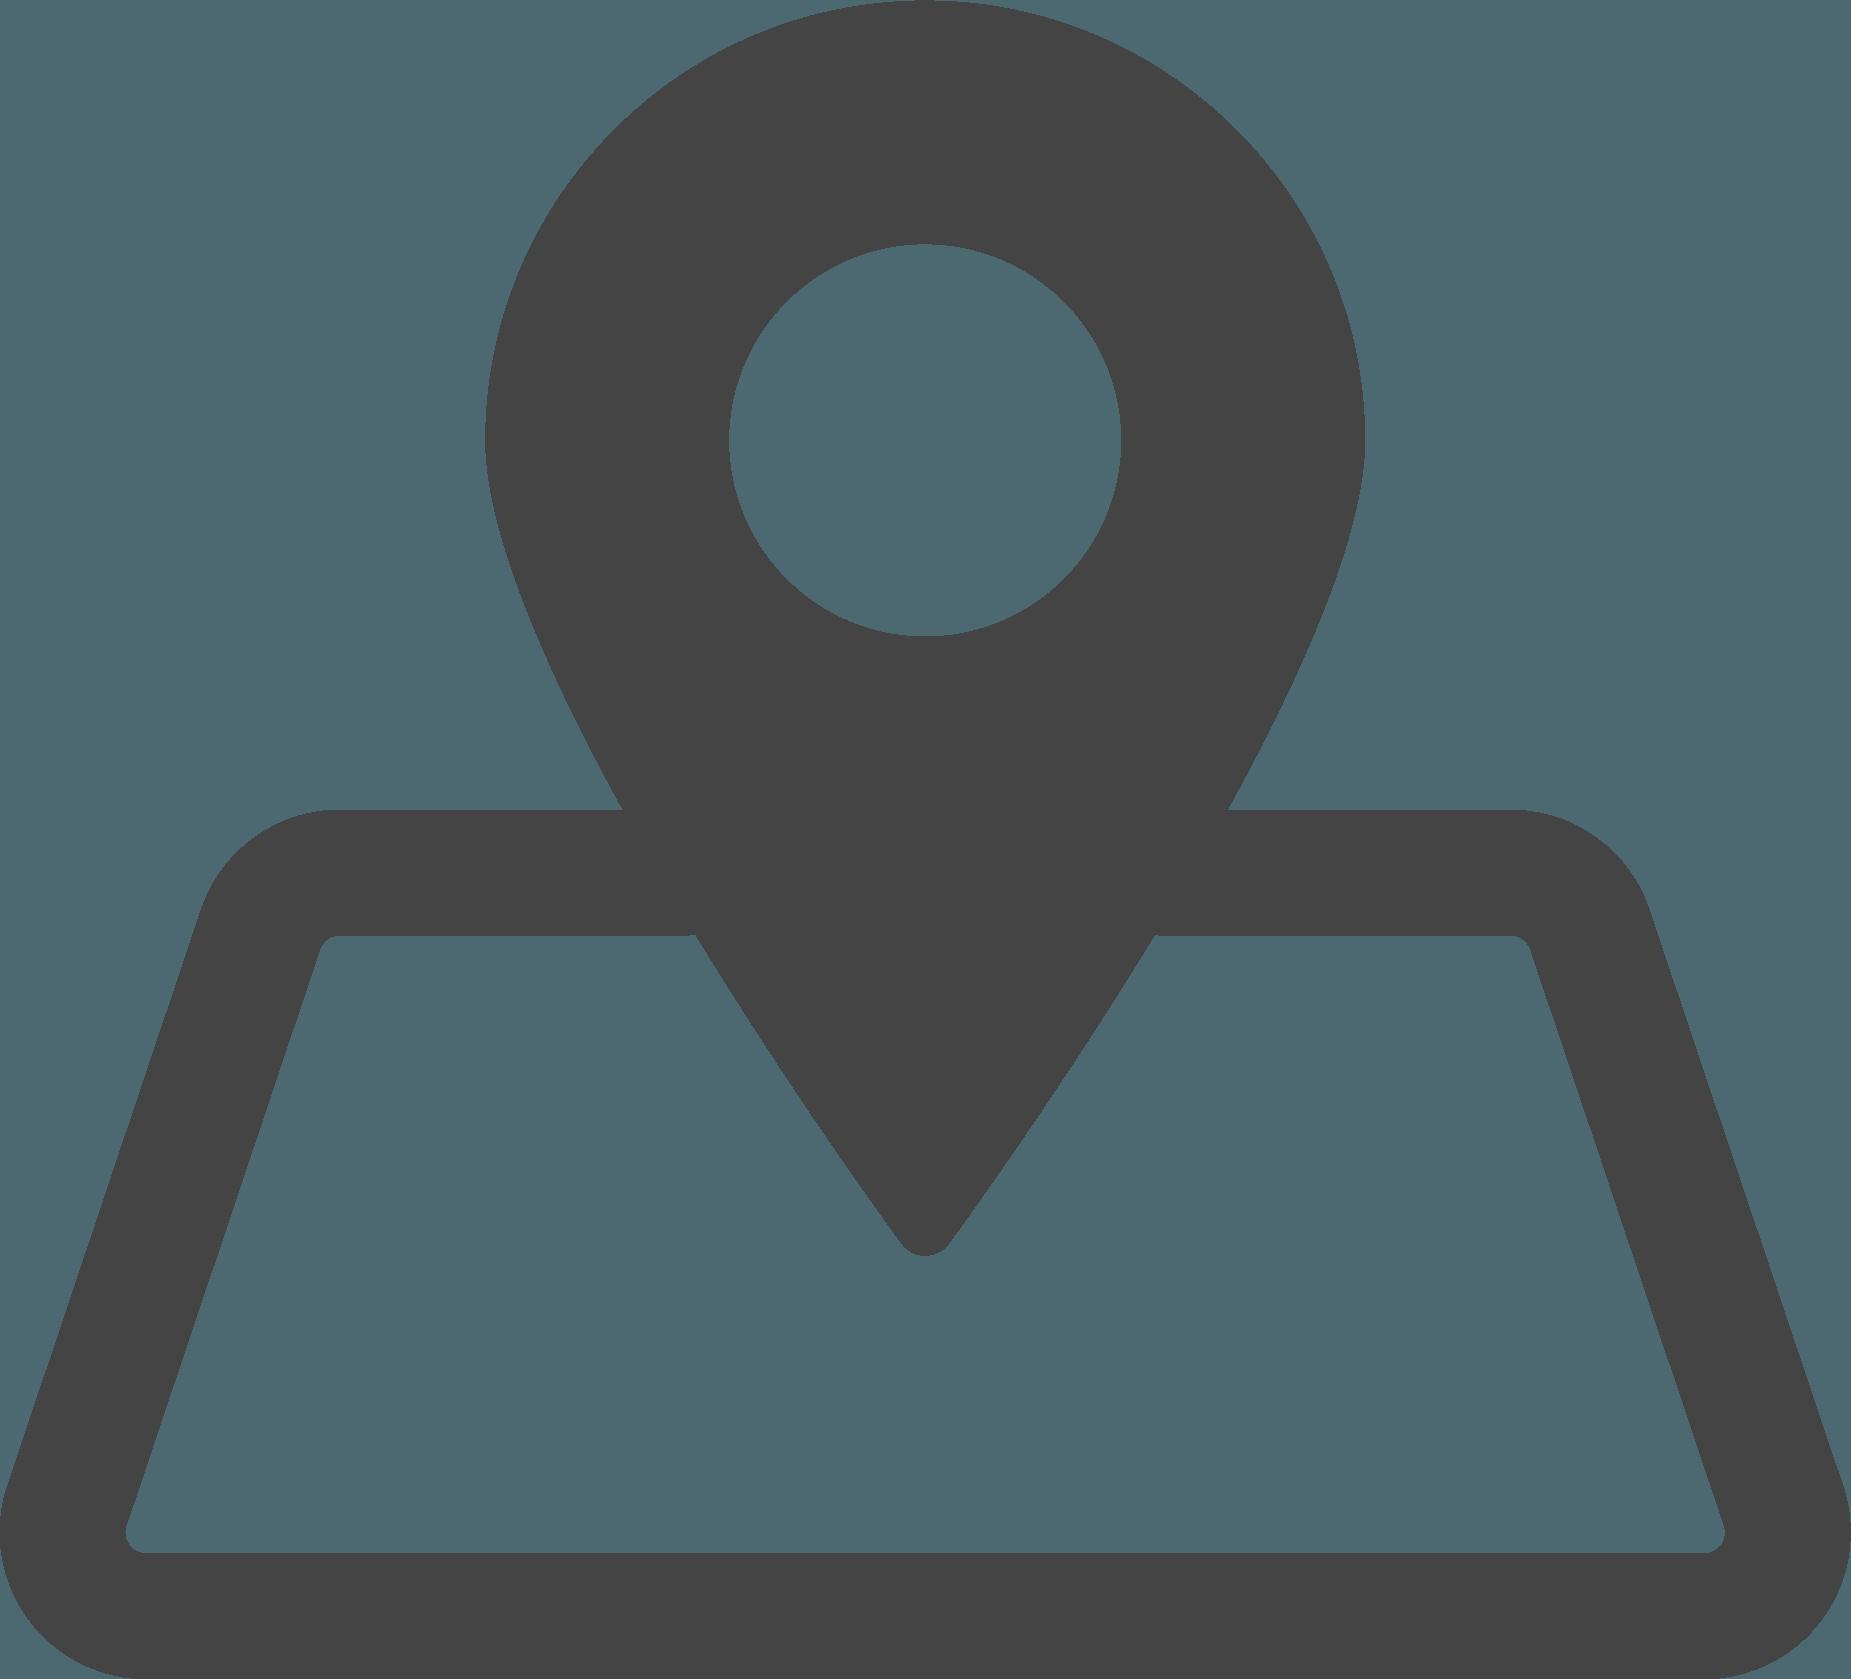 Venue icon clipart picture library download Contact Us - Venue Icon Clipart - Full Size Clipart ... picture library download